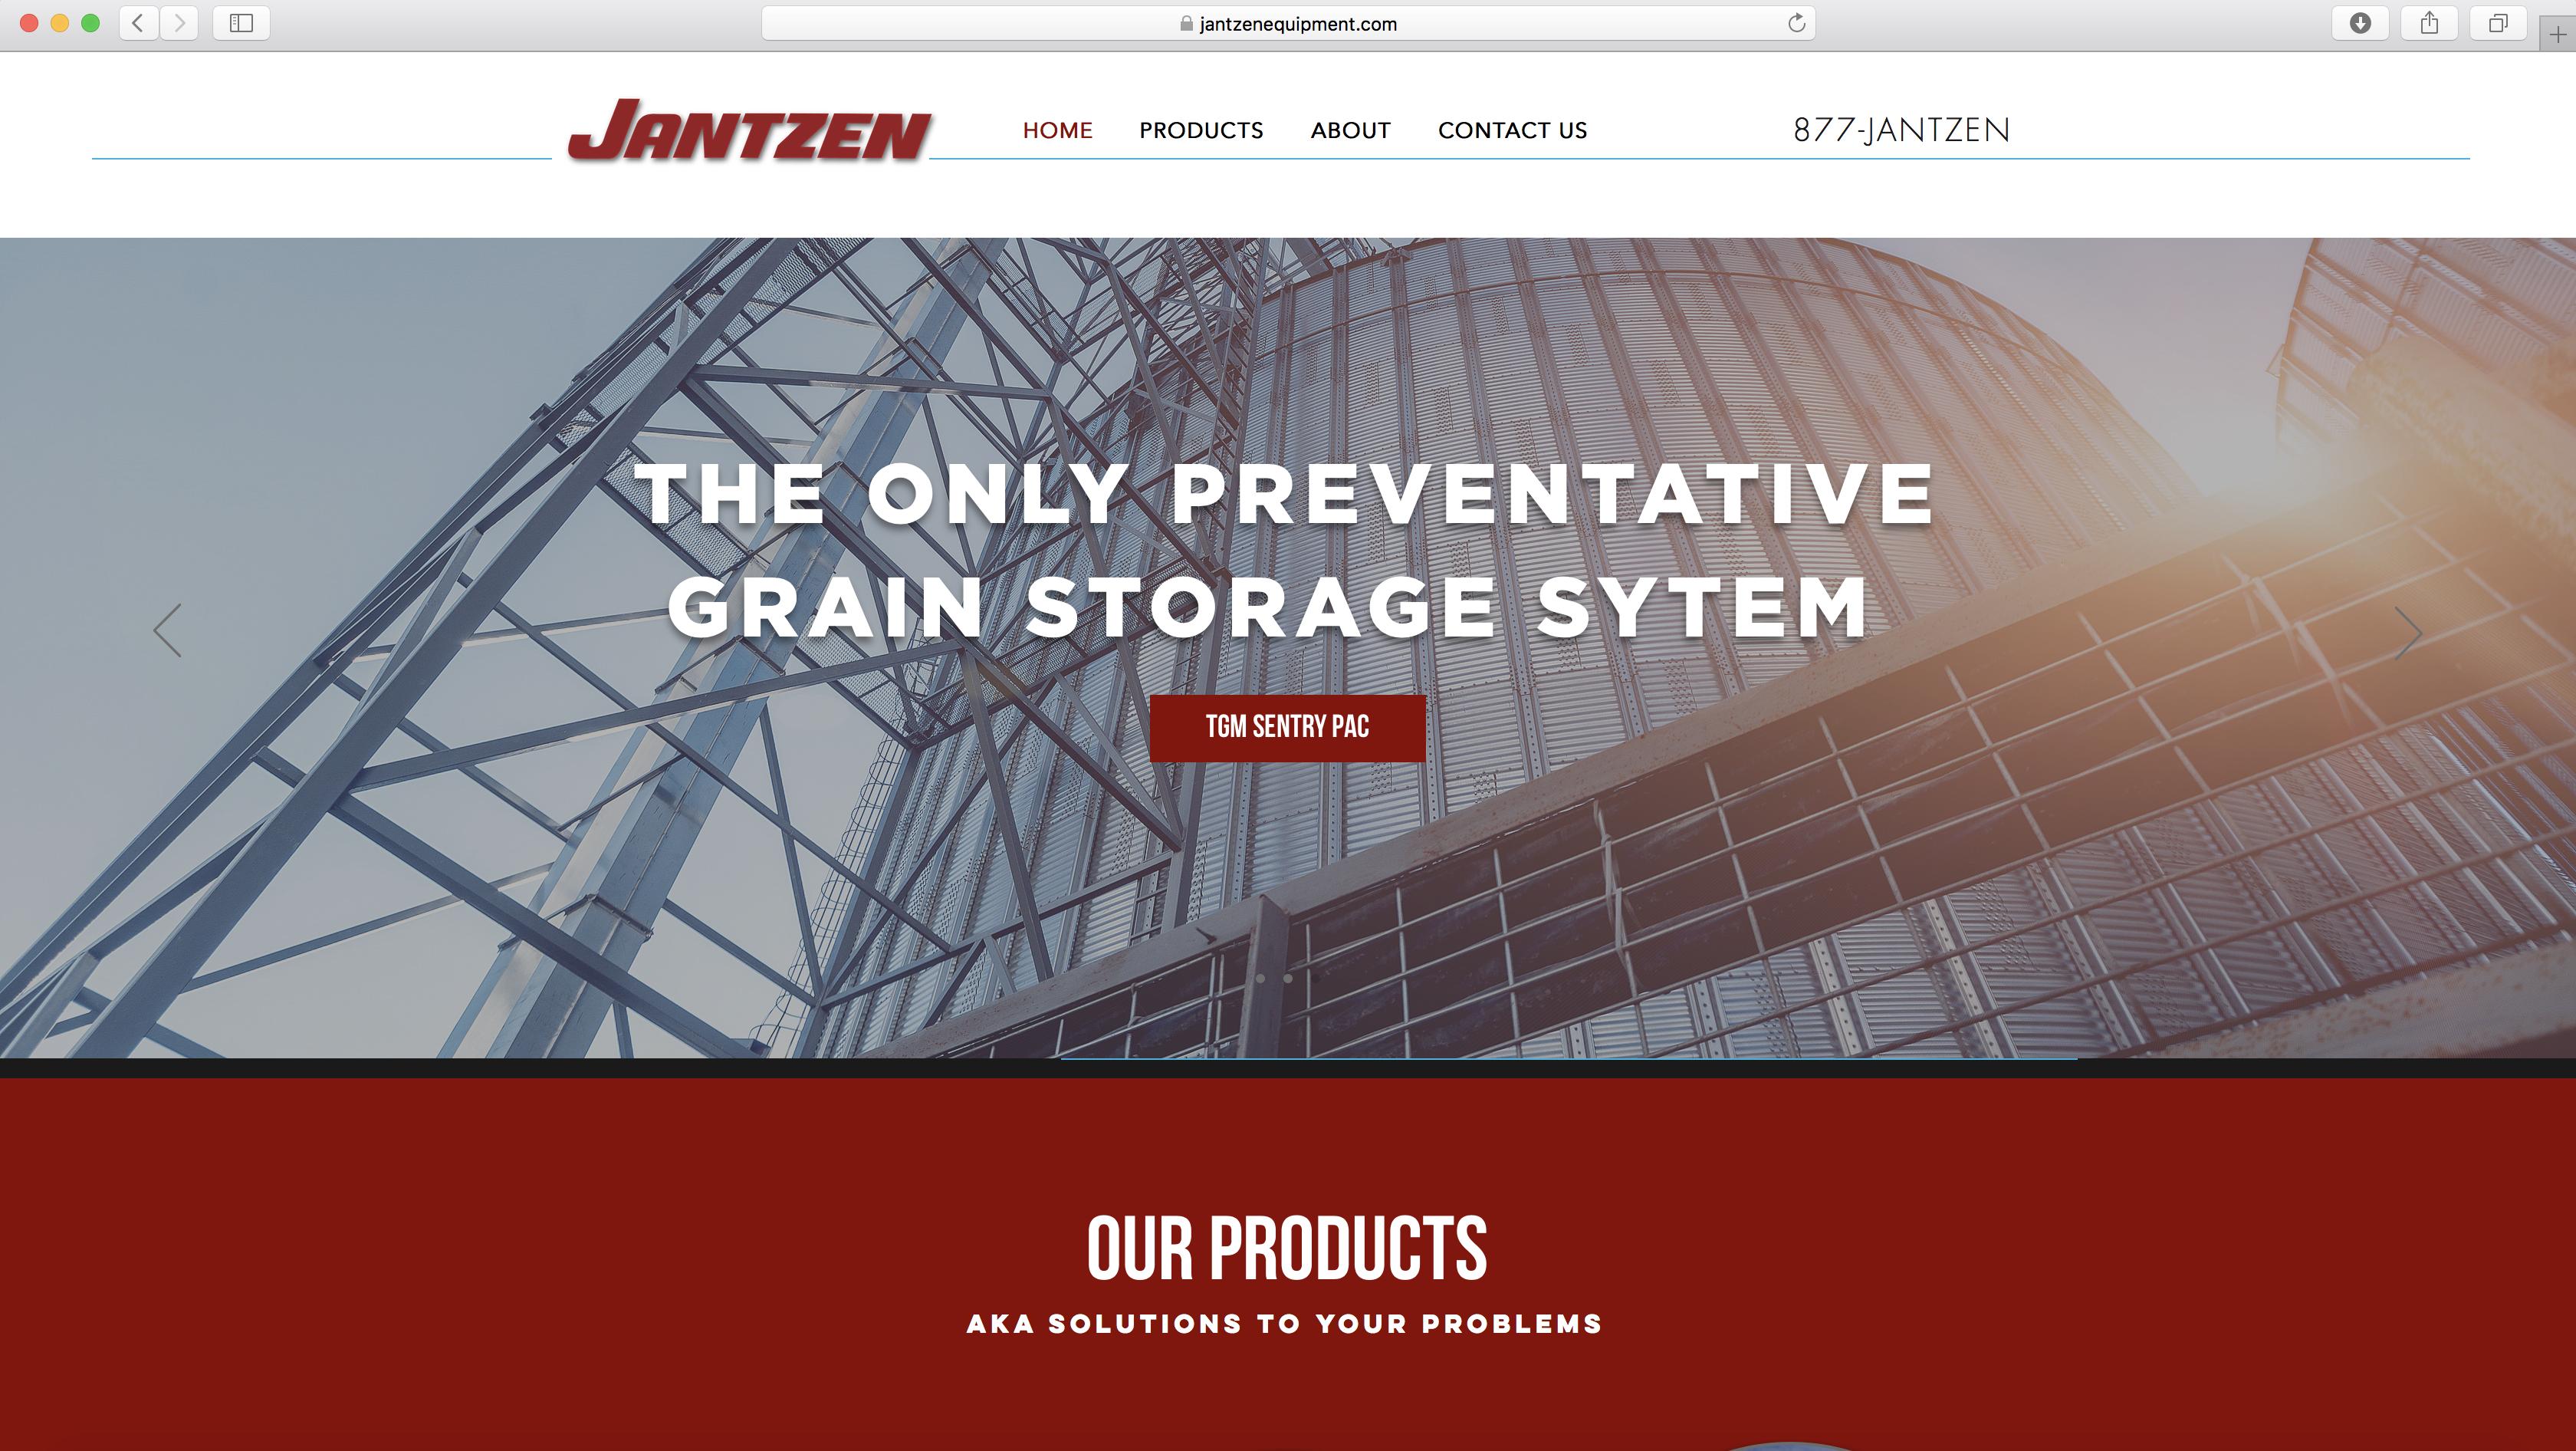 Jantzen Equipment